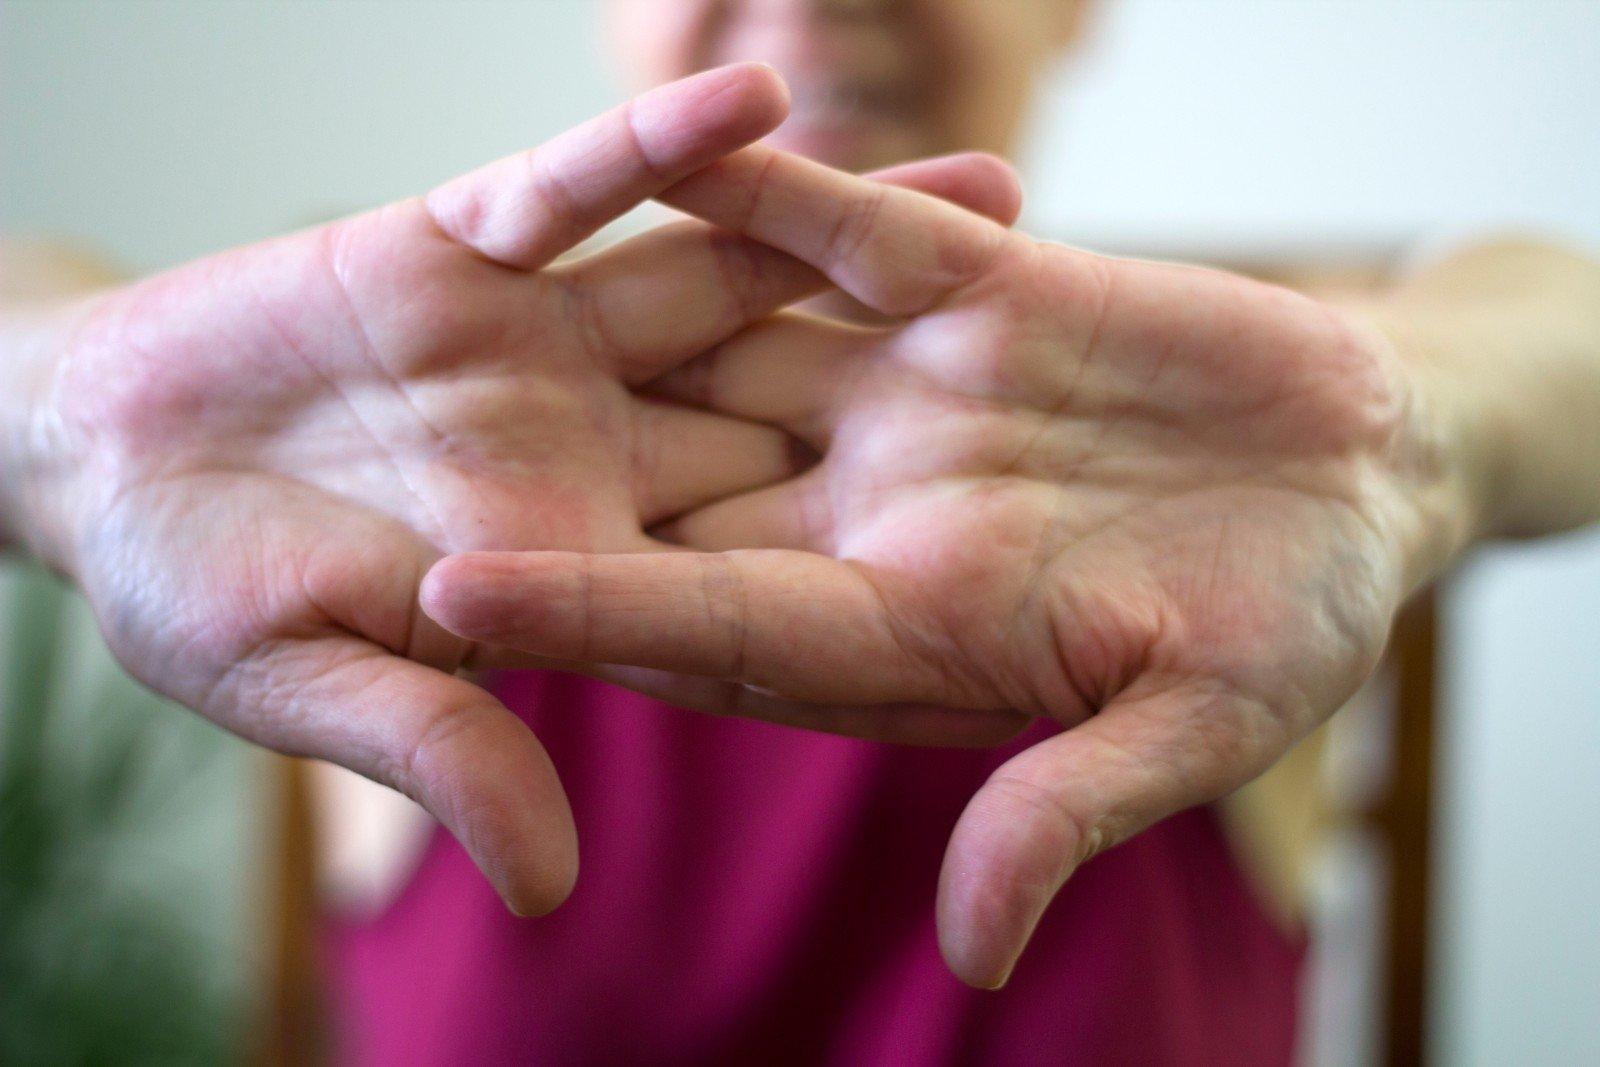 nervu sakneliu uzdegimas krutineje gelio poveikis sąnarių